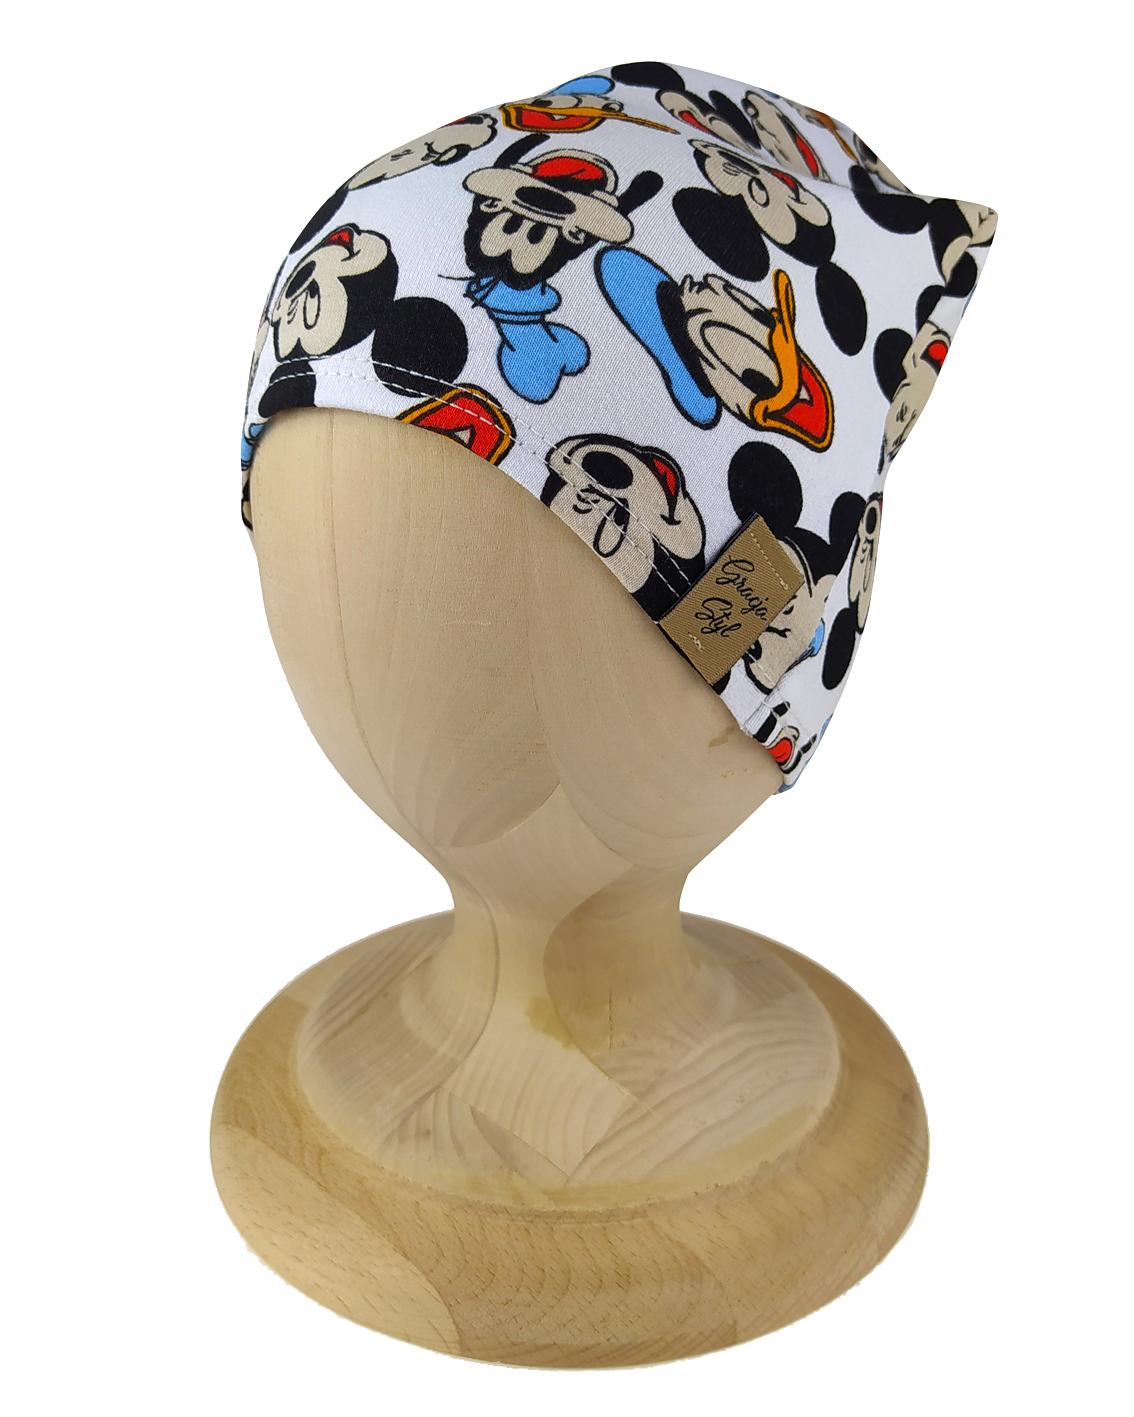 Czapka typu smerfetka. Uszyta z bawełny pętelkowej. Marka Gracja Styl. Dzikęi domieszcze elastanu czapka dobrze dopasowuje się do głowy. Wzór Myszka Miki.